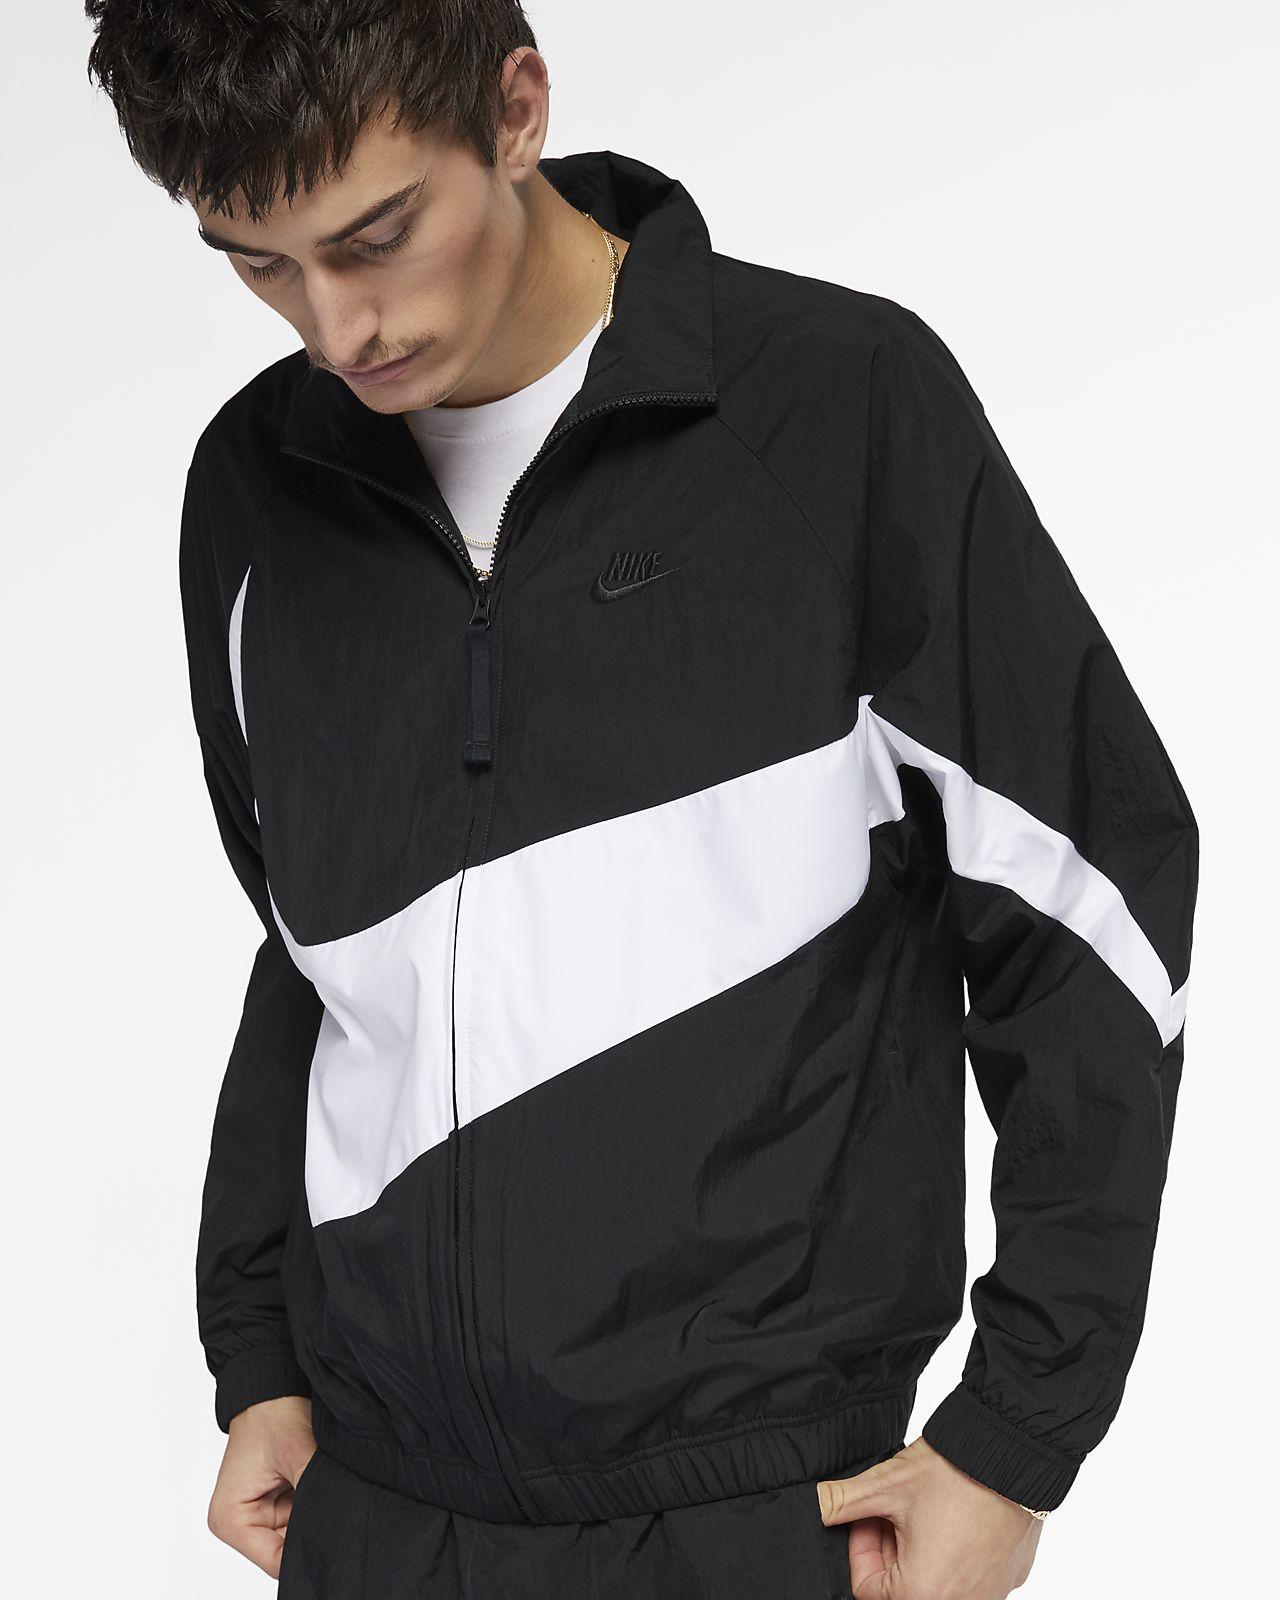 Nike Sportswear Woven Anorak Jacket | AR4941 010 | Black